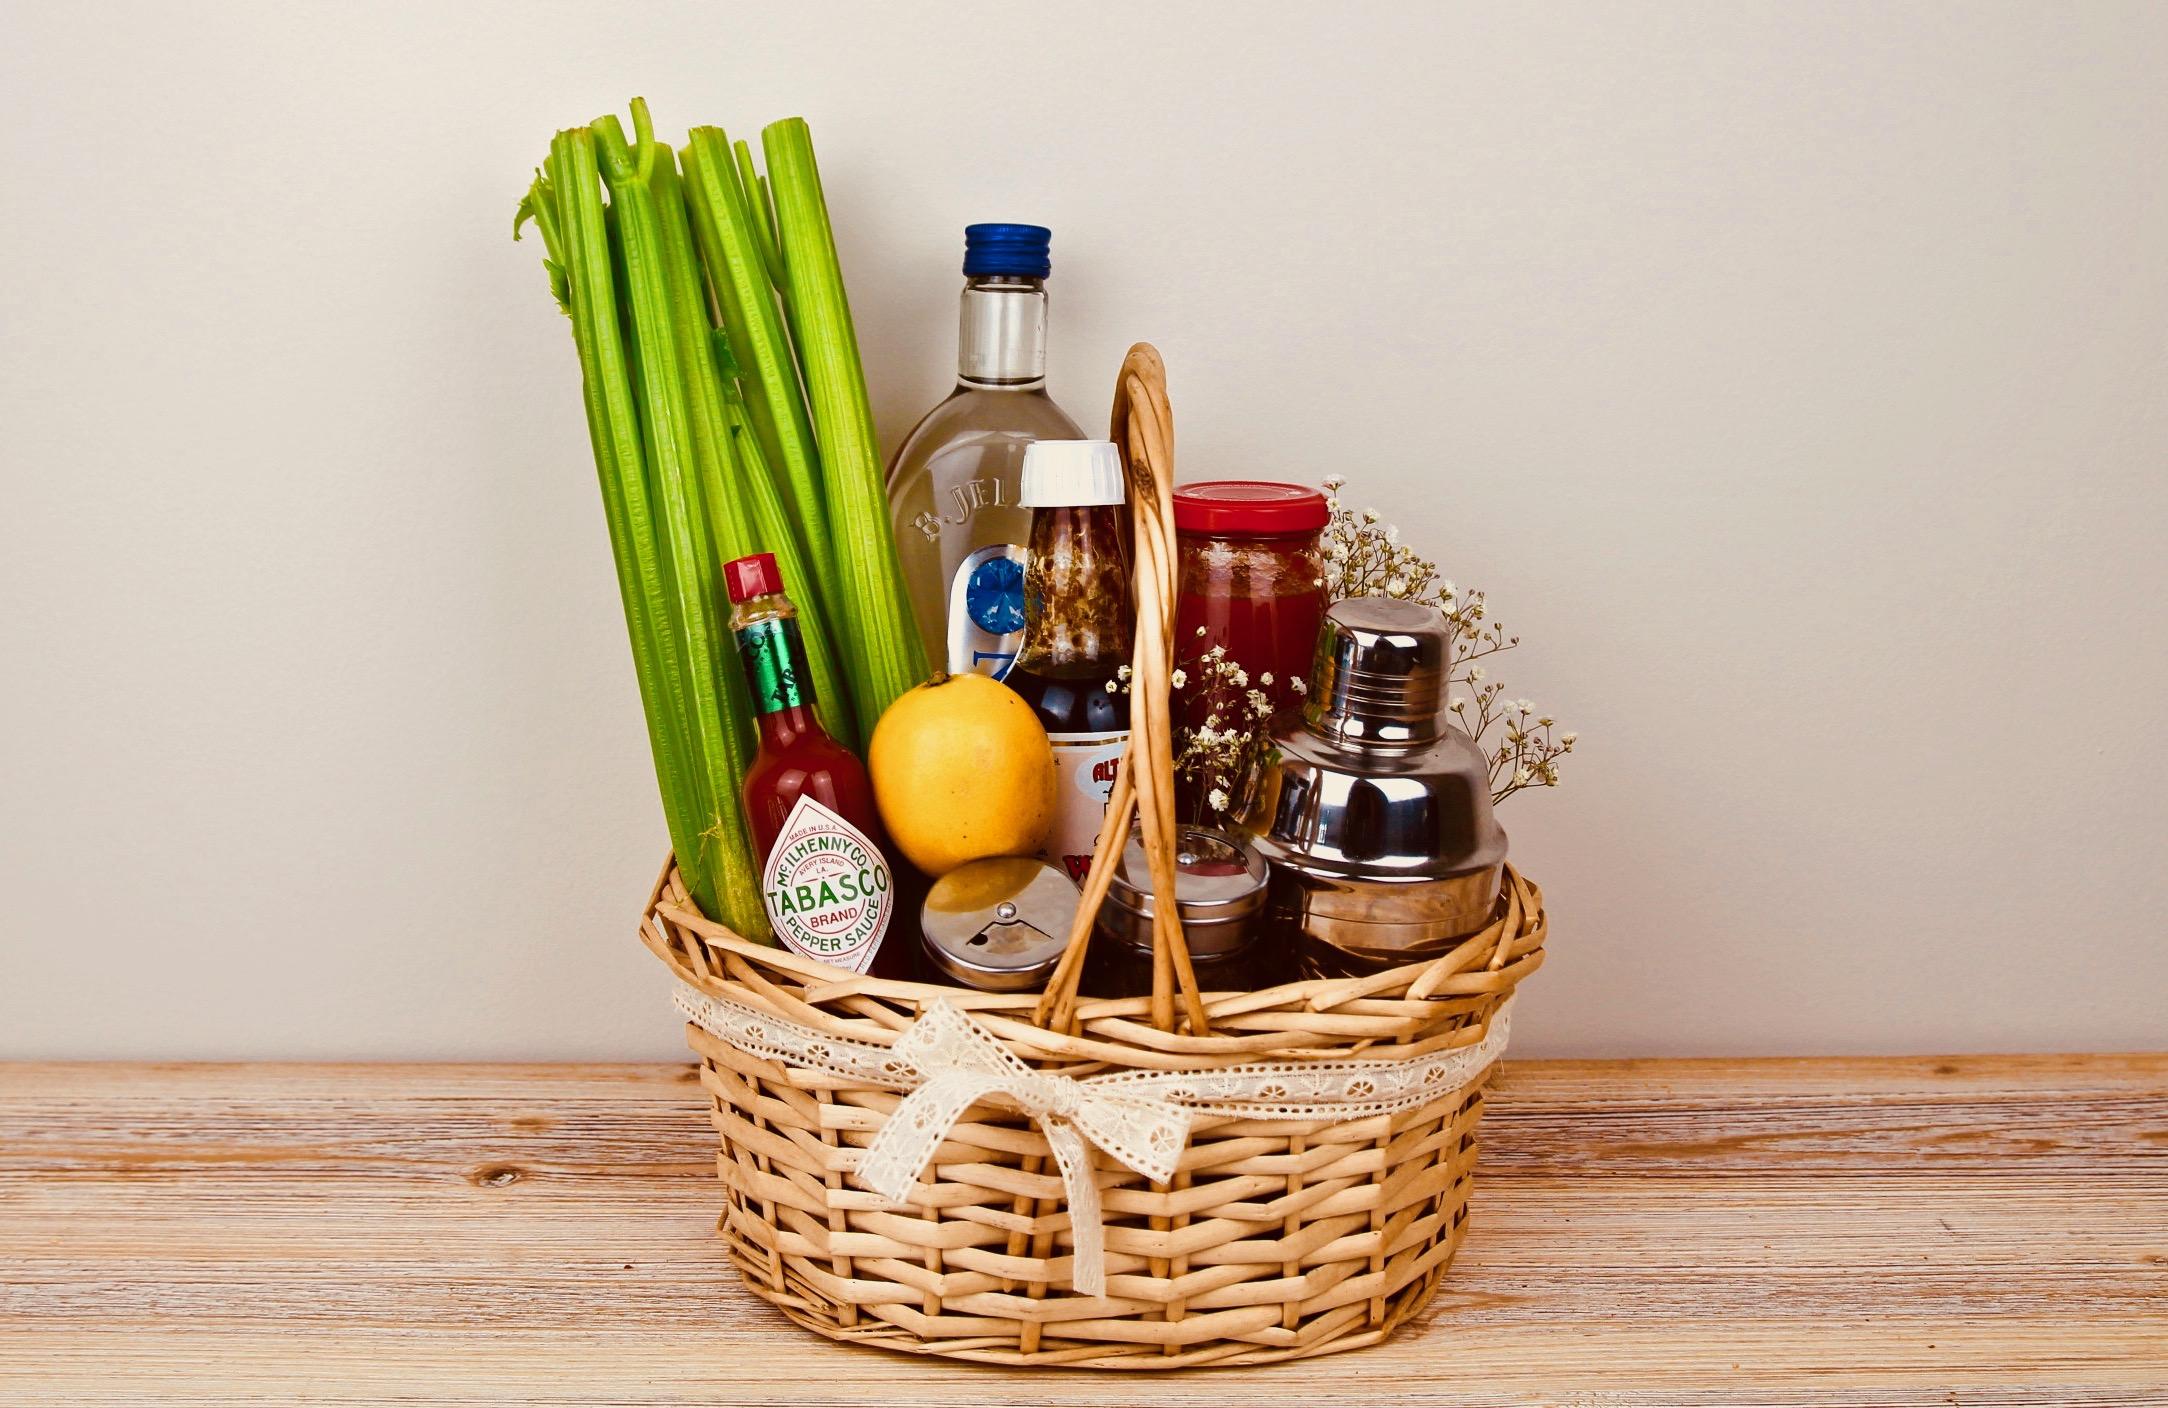 Presentkorg med vodka, celleri, citron och andra tillbehör för Bloody Mary-drinkar